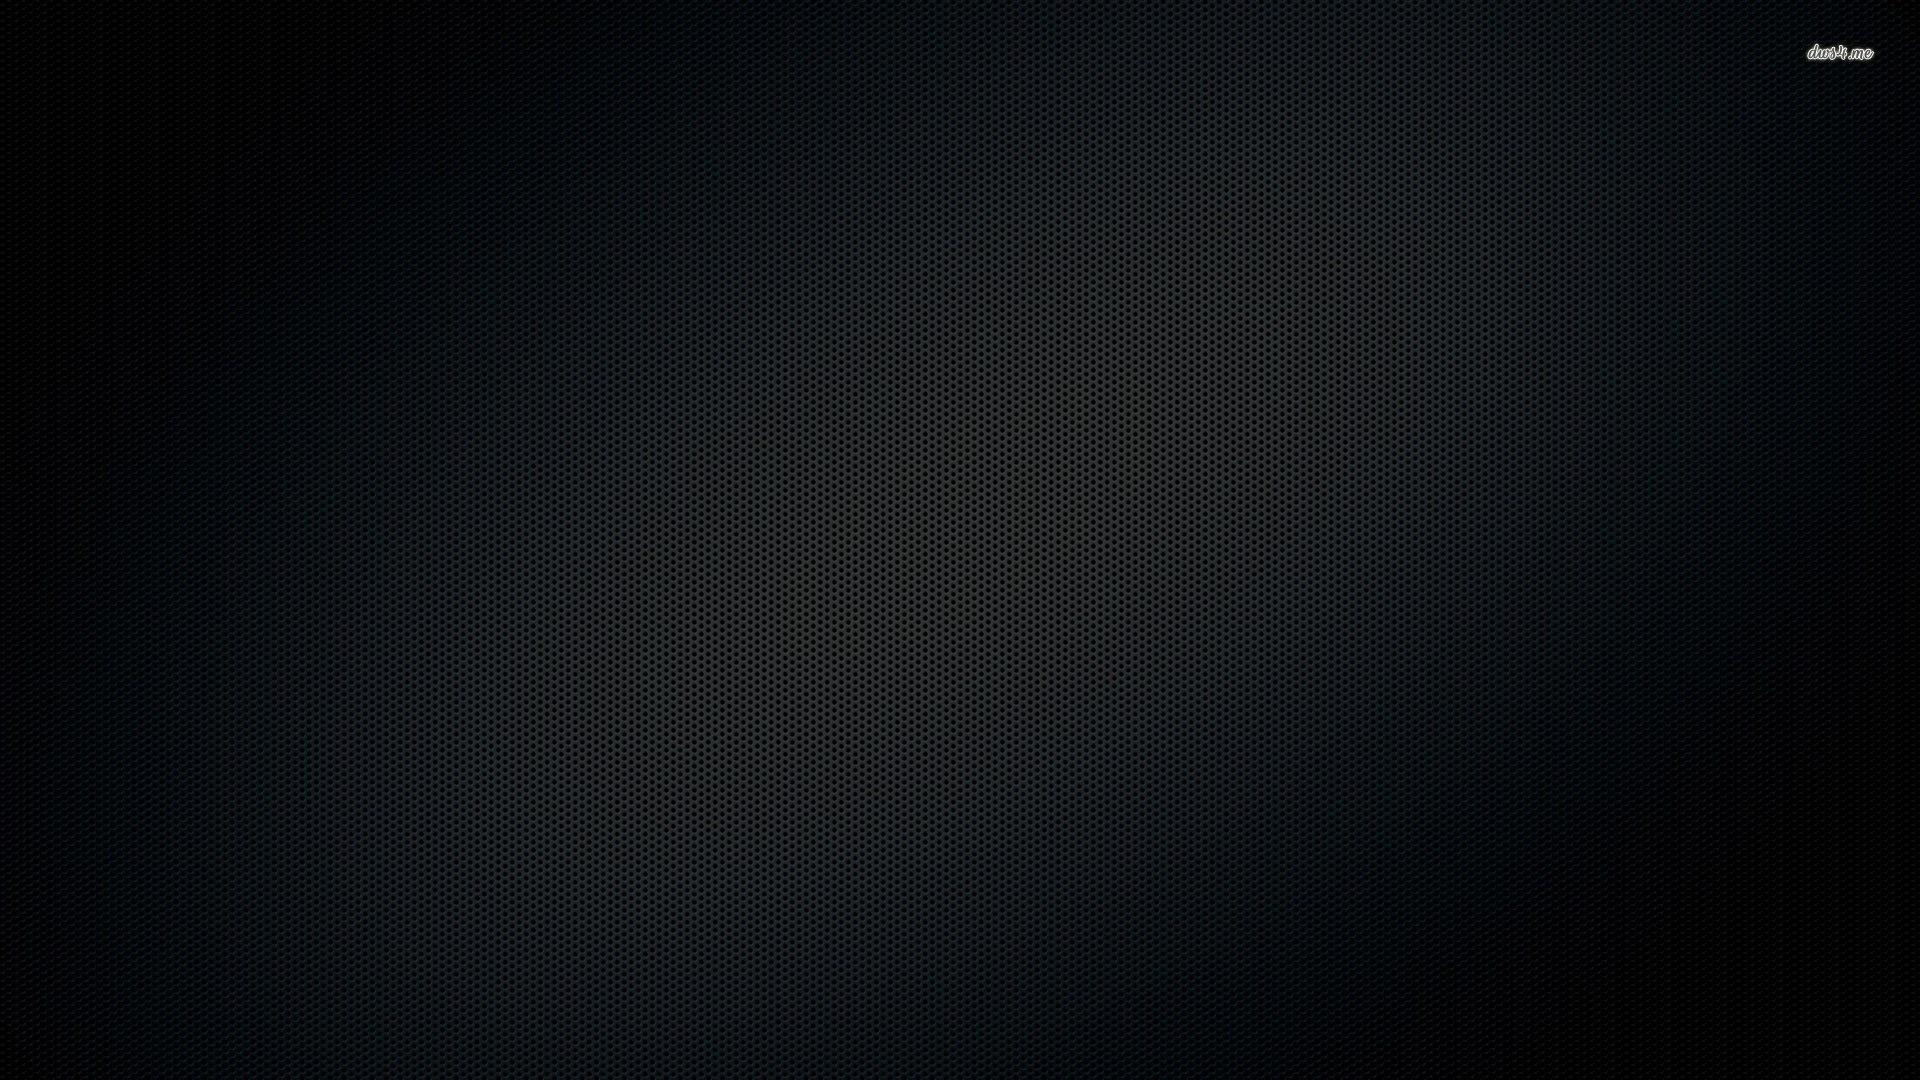 Black Textured Wallpaper HD 1920x1080